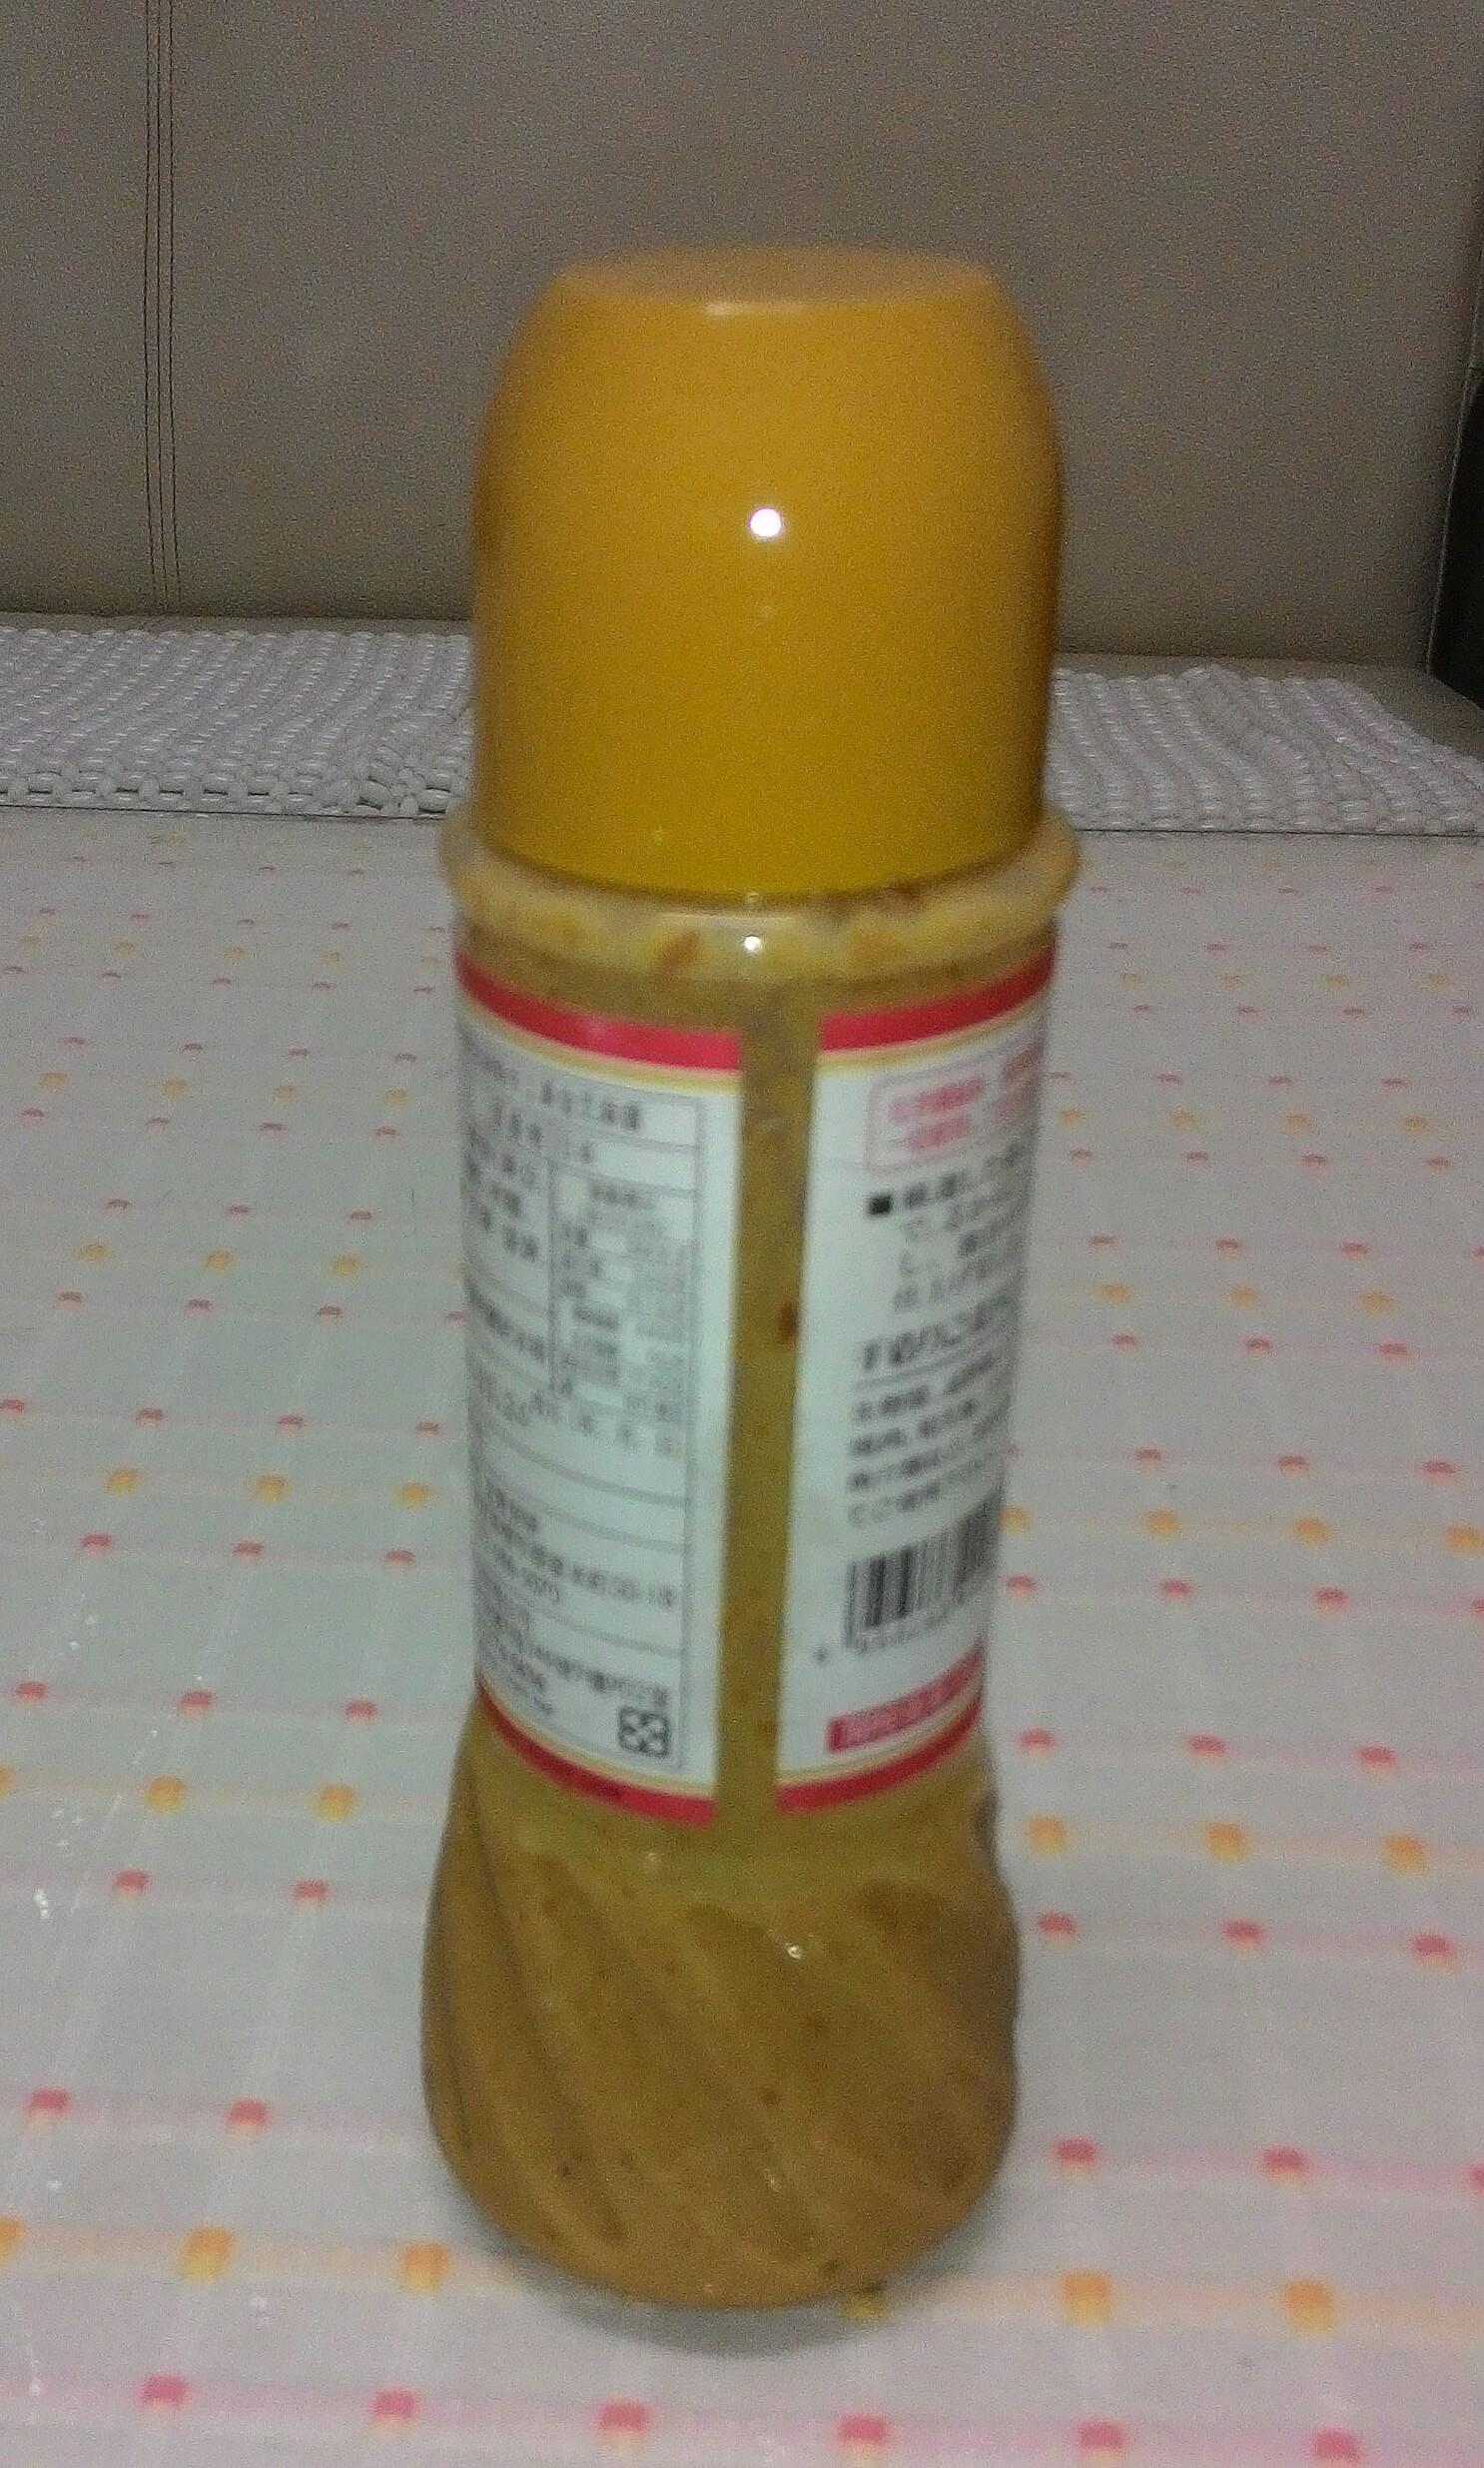 超市買得到各種調好的「芝麻沙拉醬」喔!